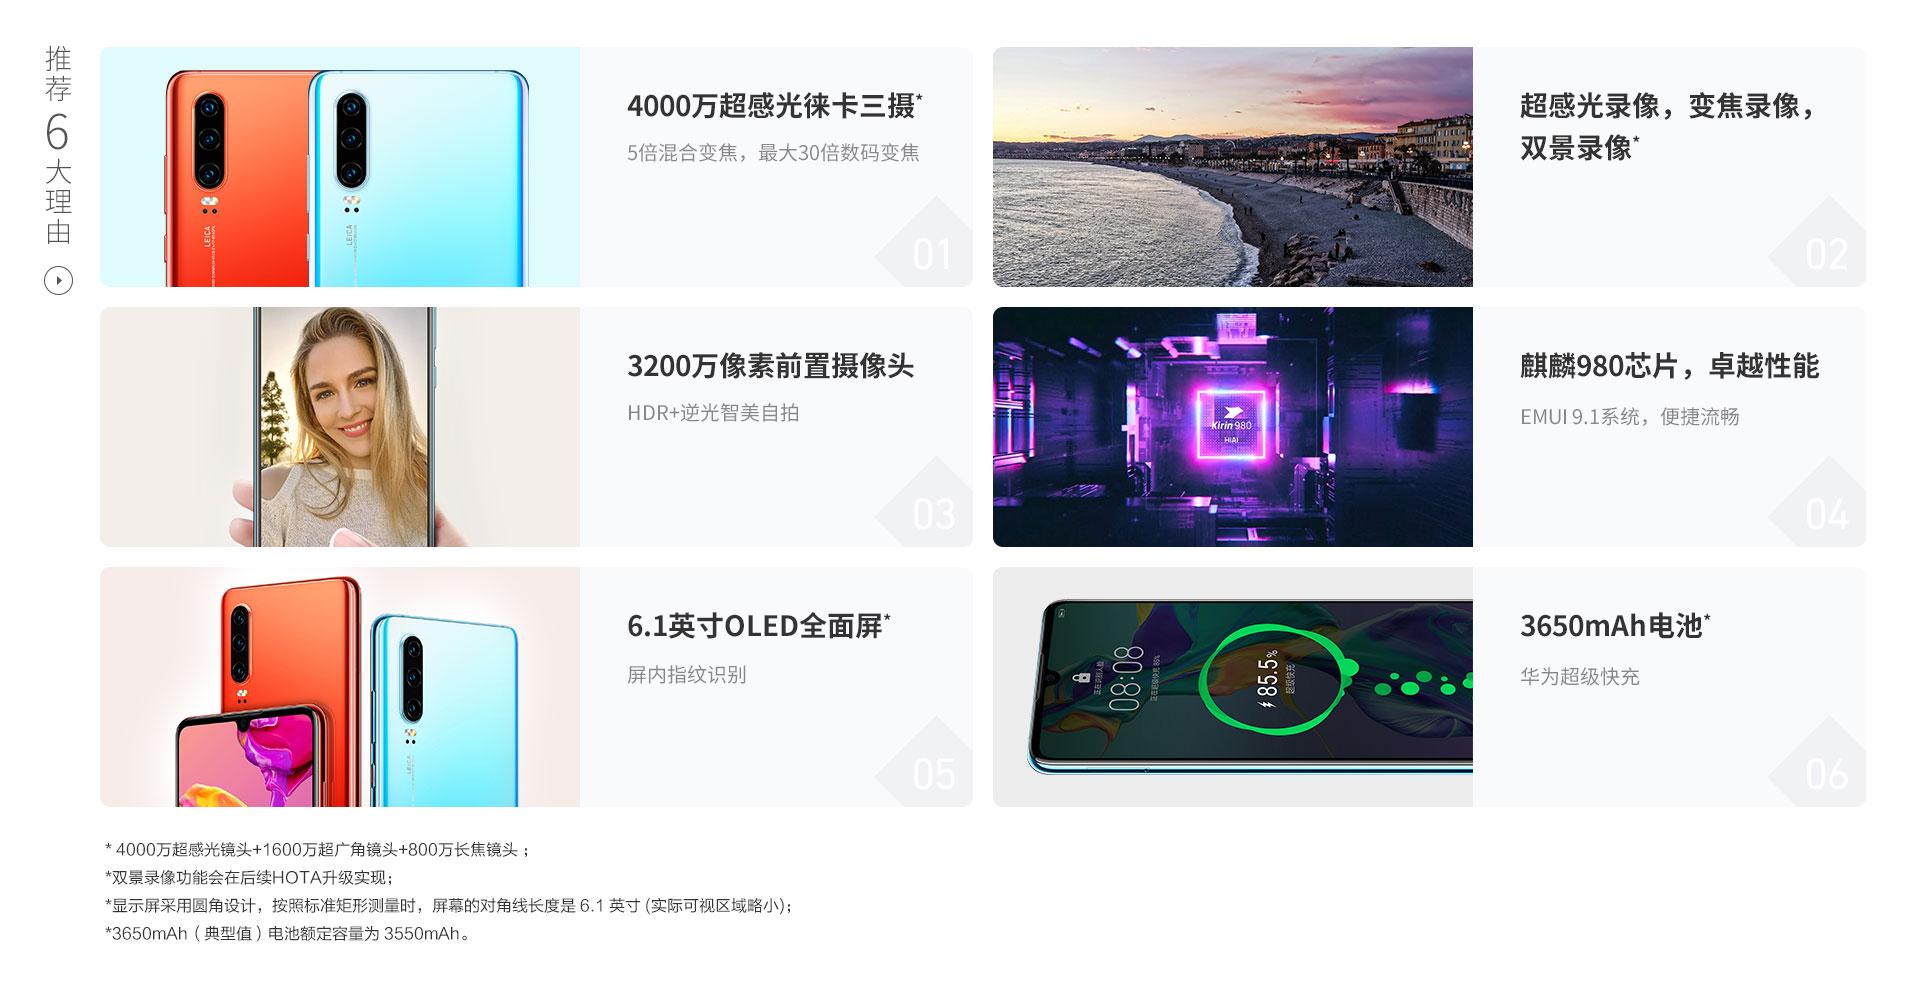 P30购机福利_pc_05.jpg